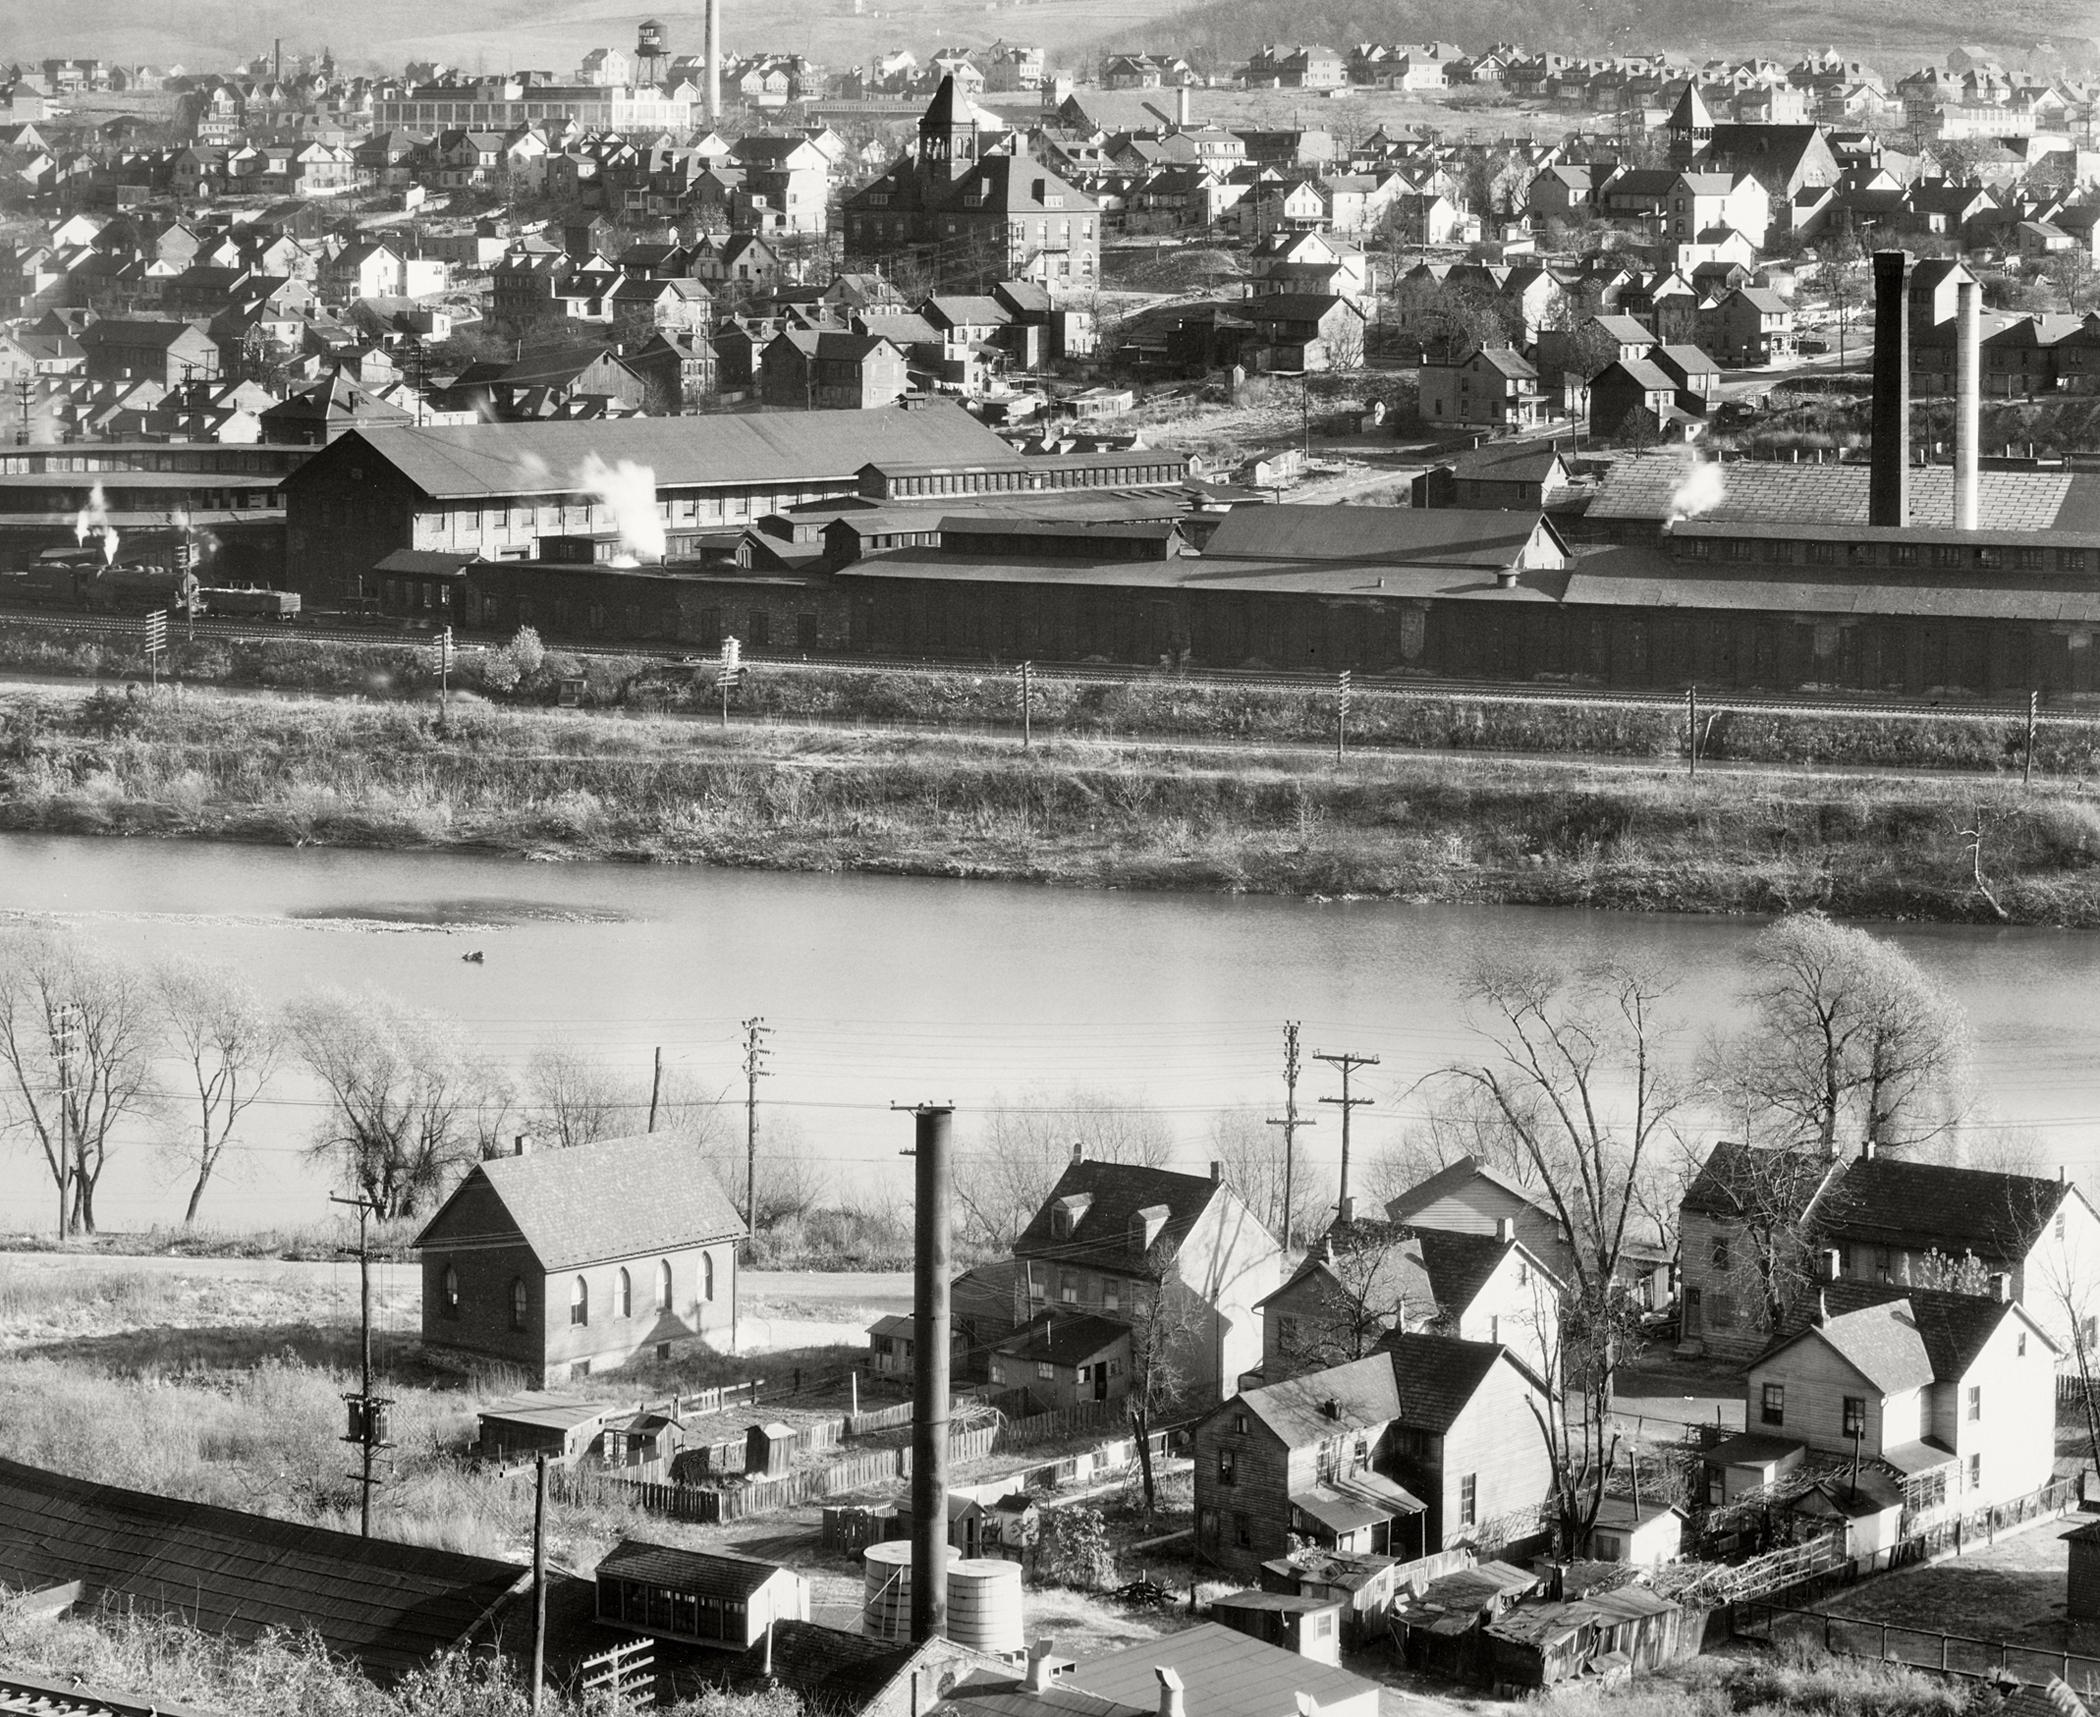 View of Easton, Pennsylvania, 1936